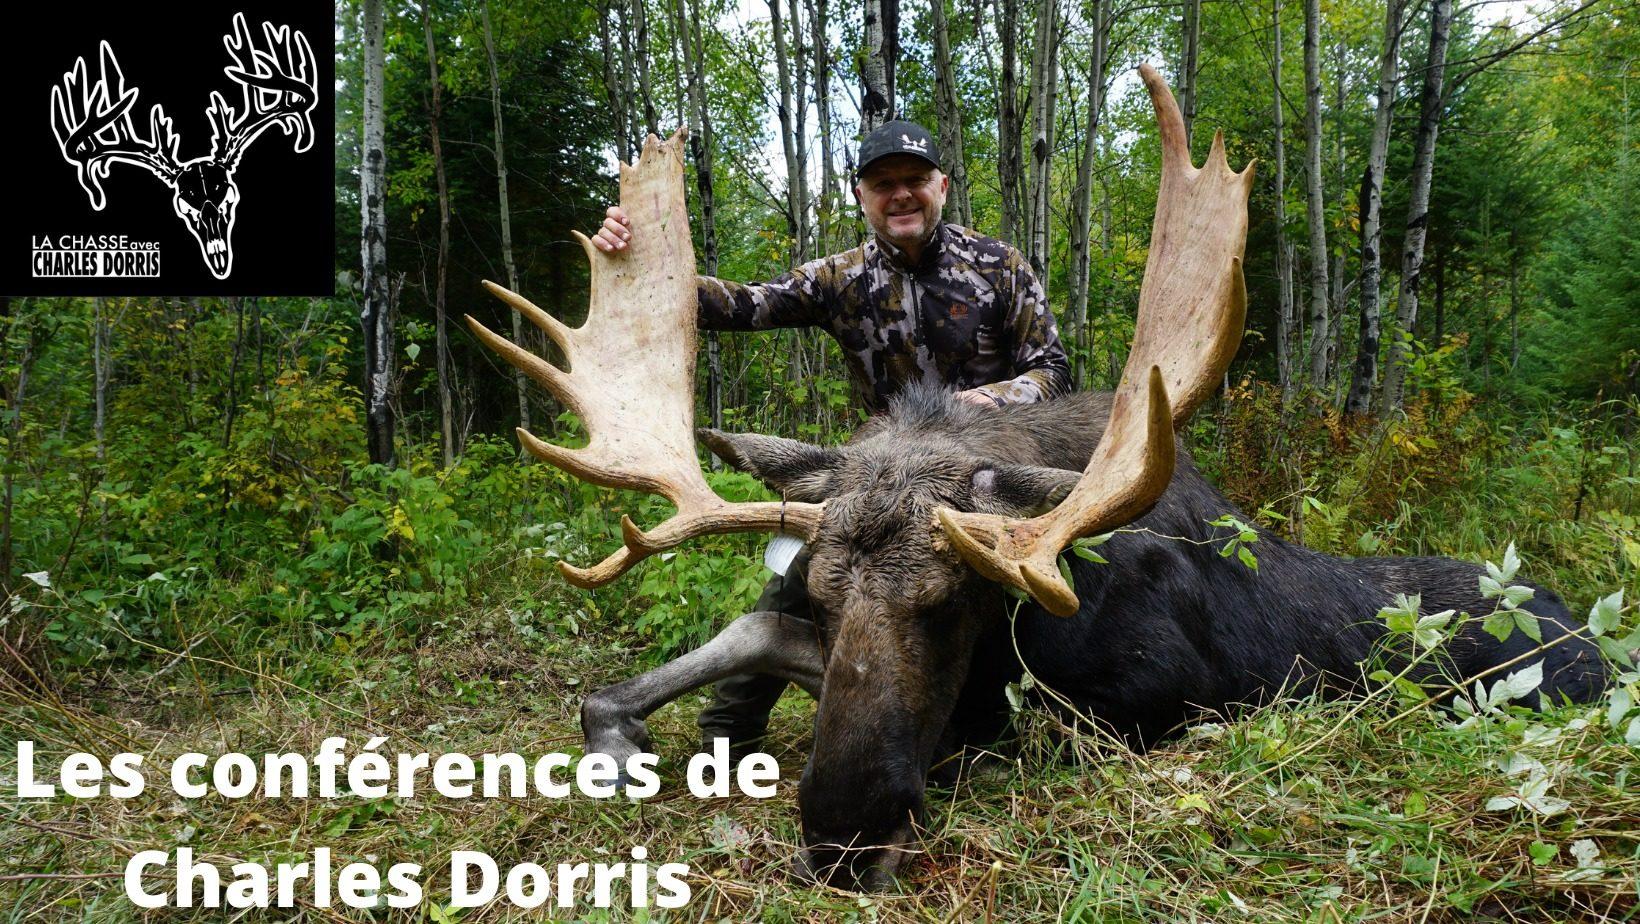 Les conférences de Charles Dorris